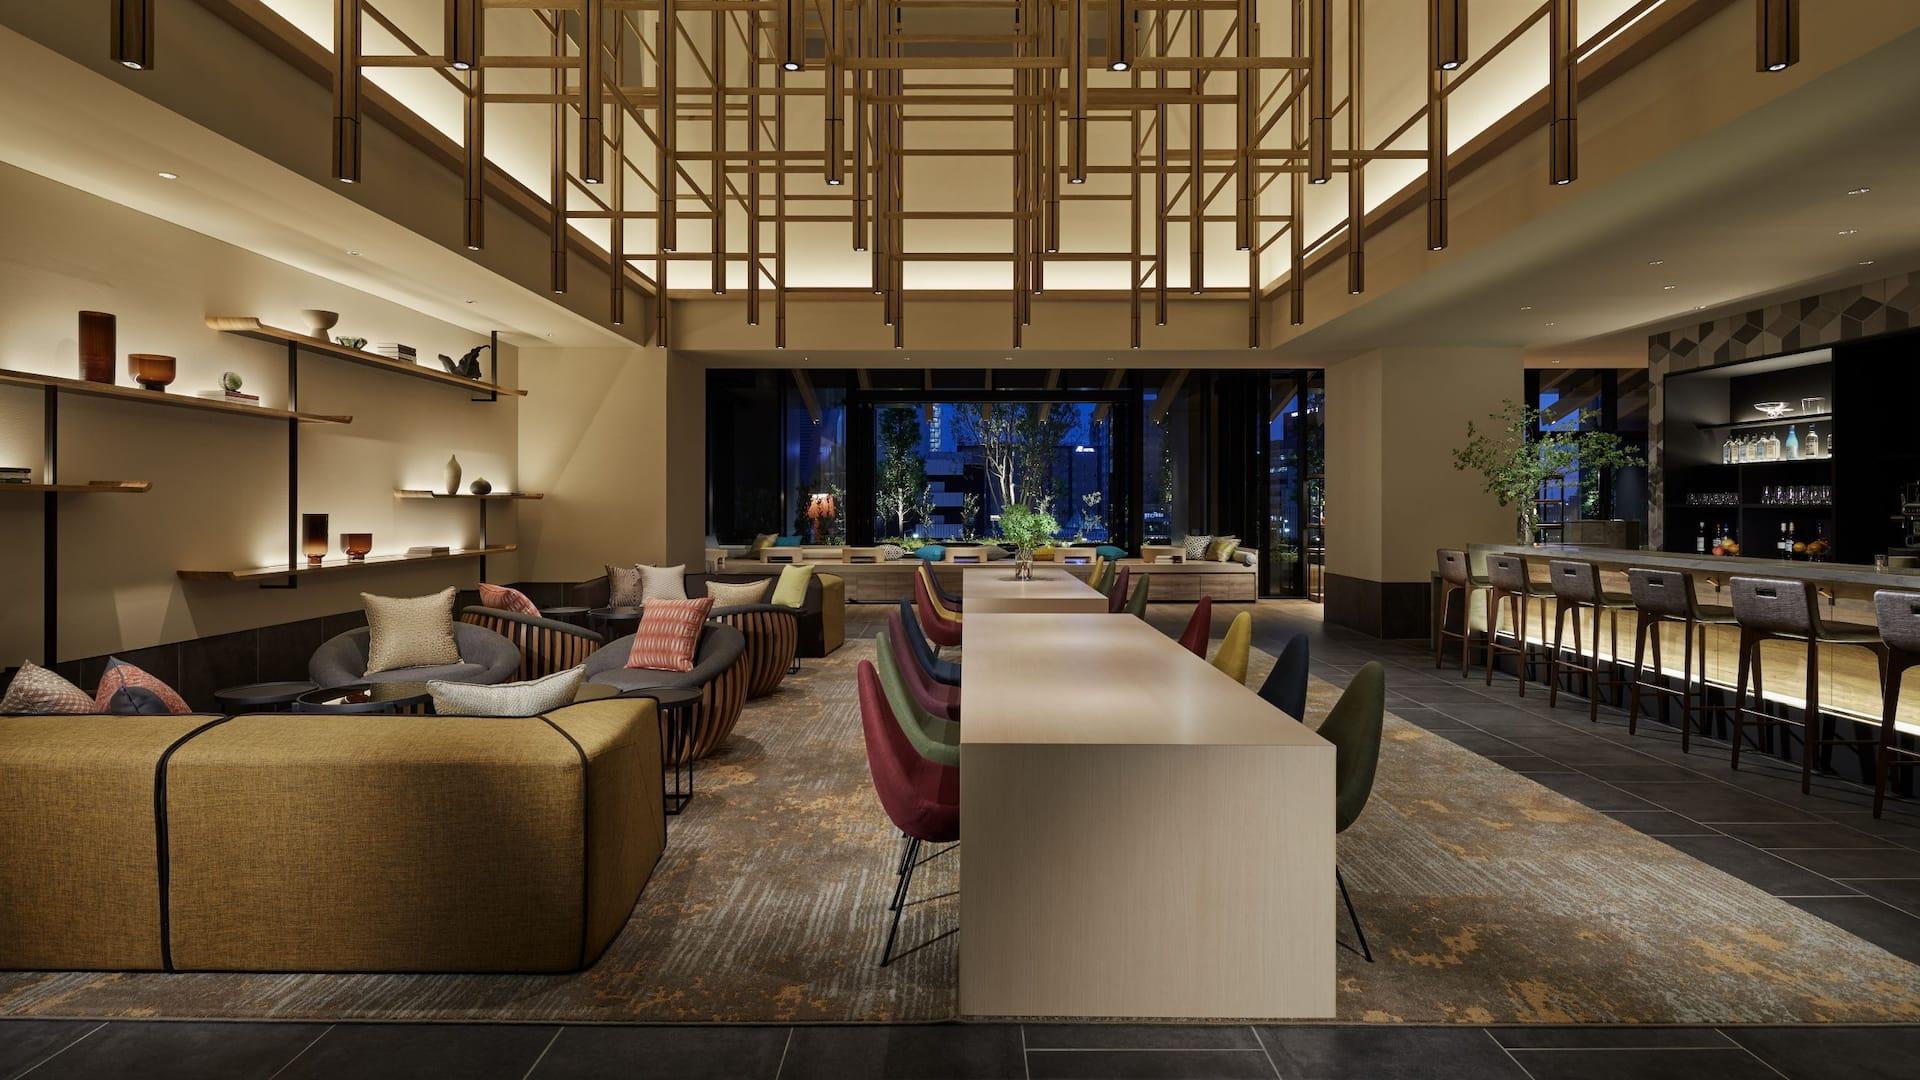 Hyatt House Kanazawa Lounge